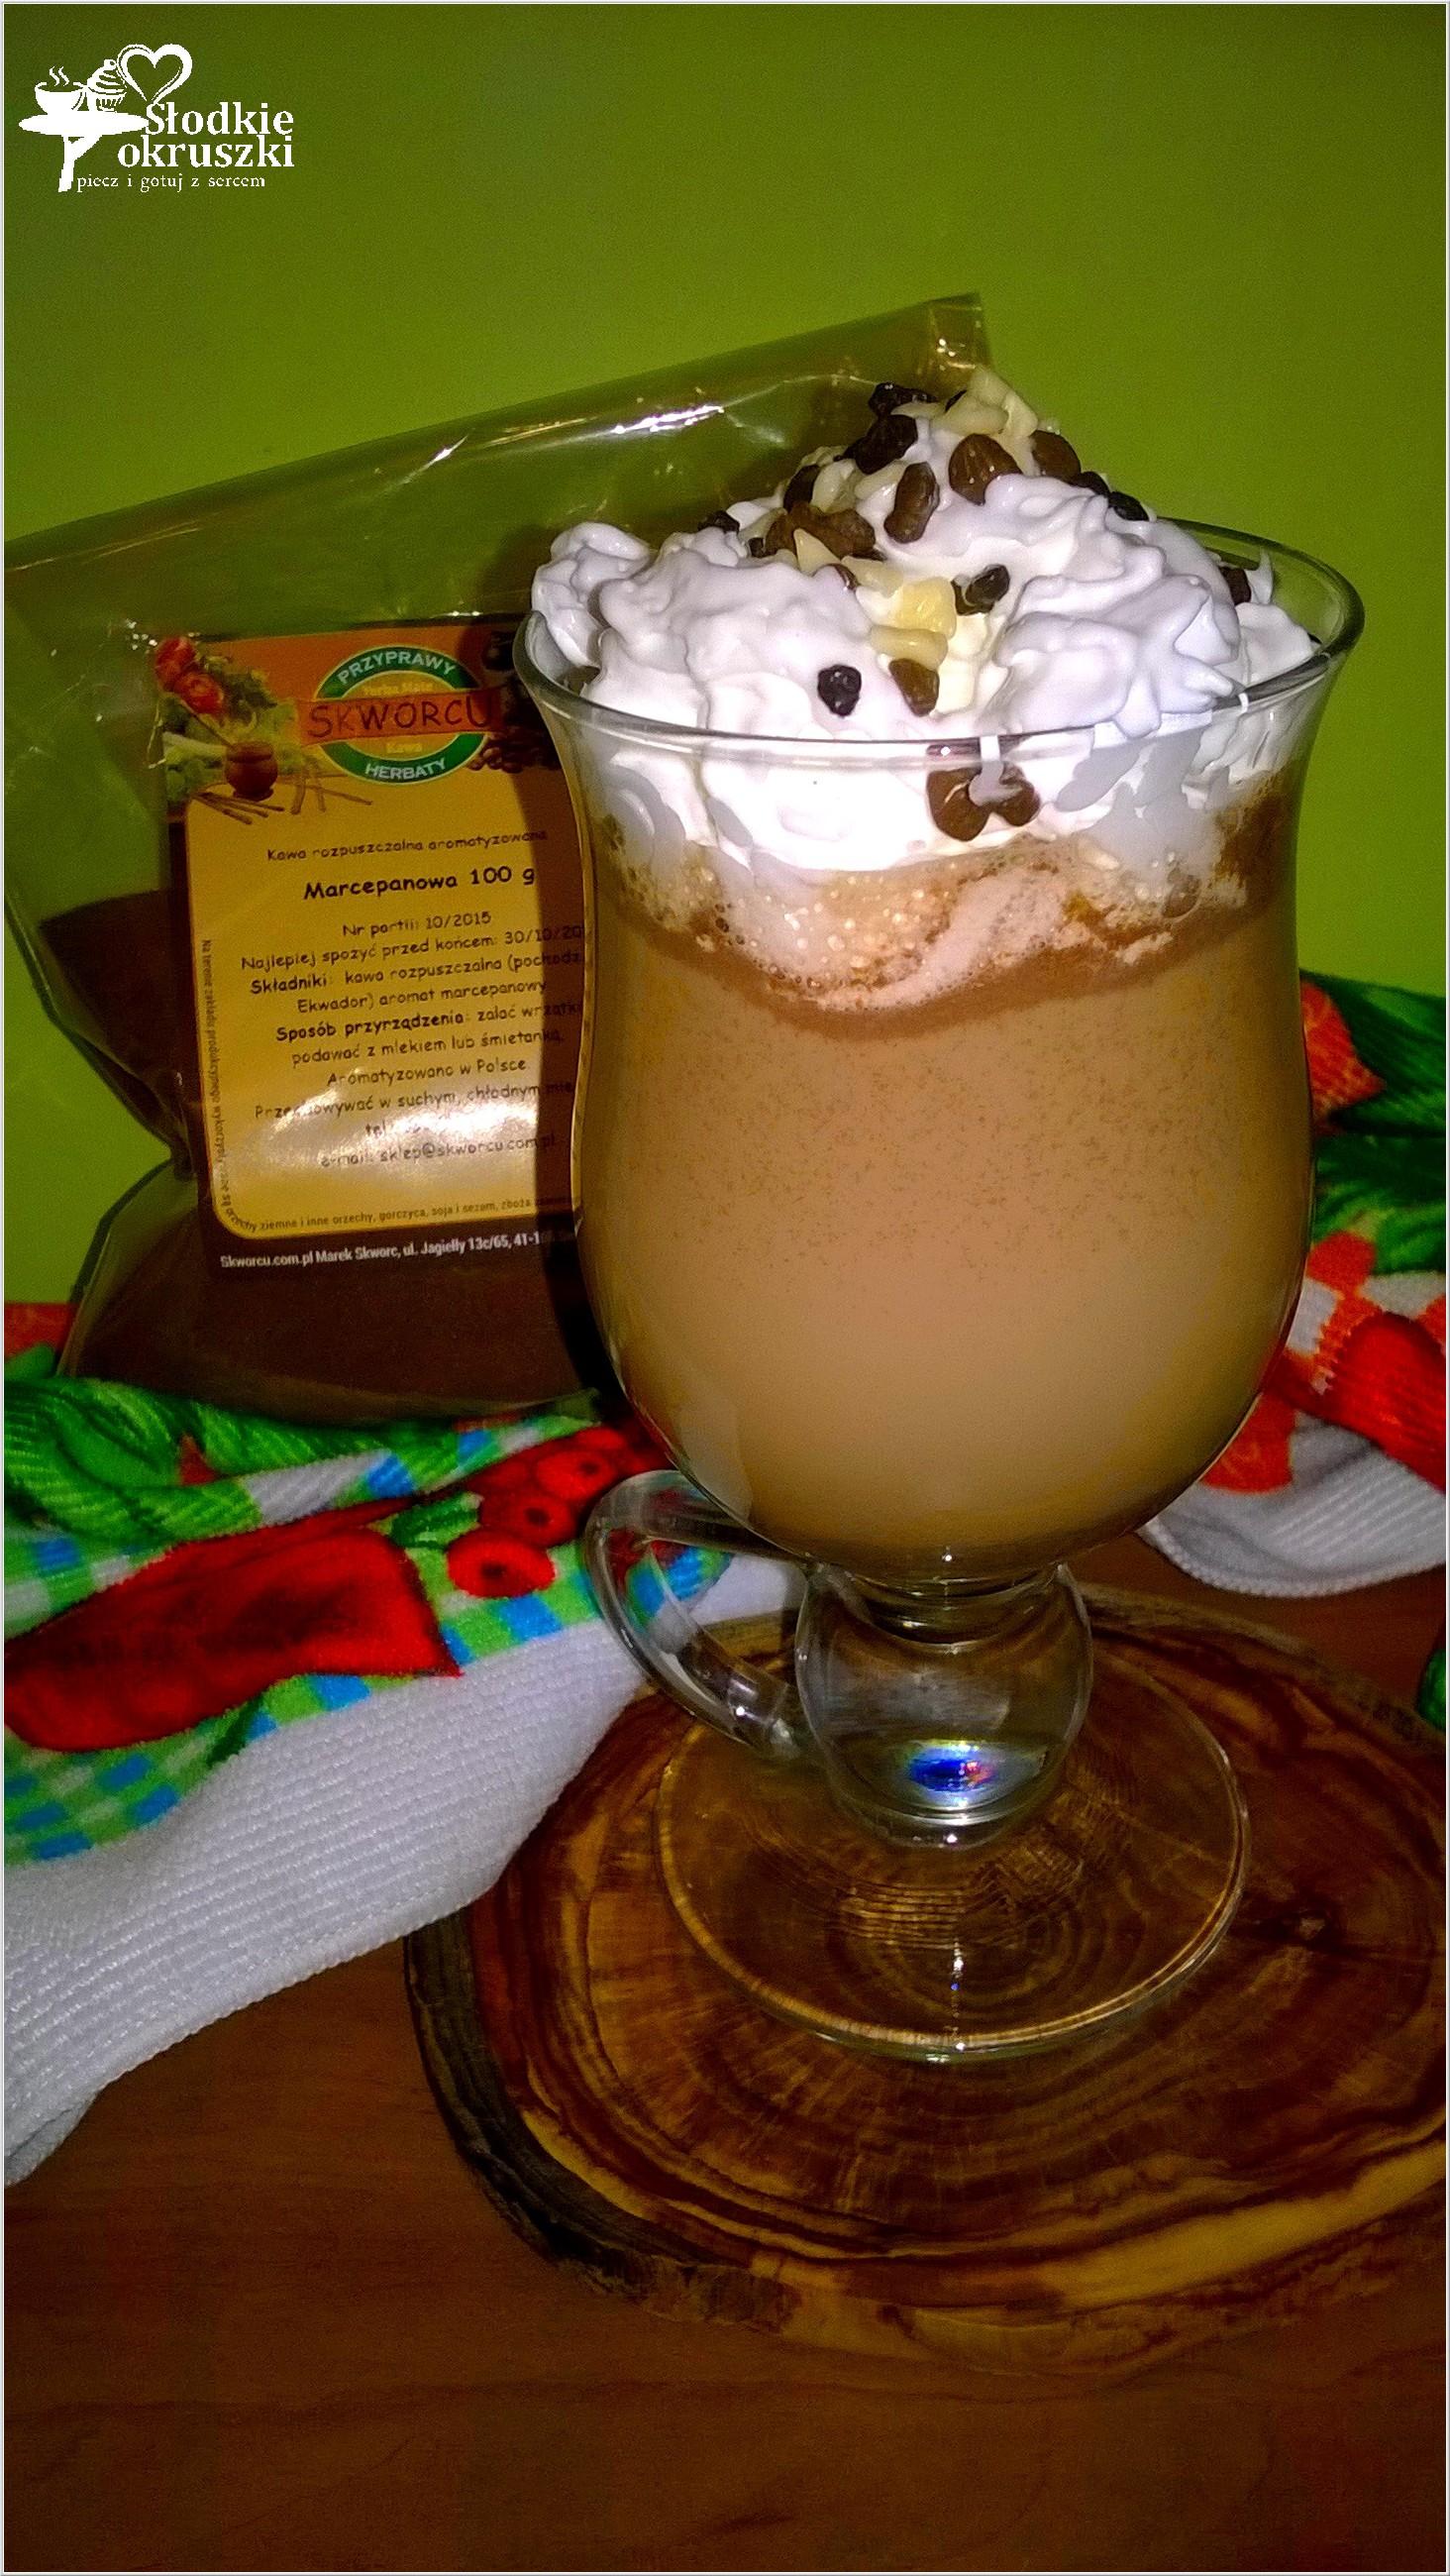 Kawa marcepanowa z czekoladą i bitą śmietaną (2)